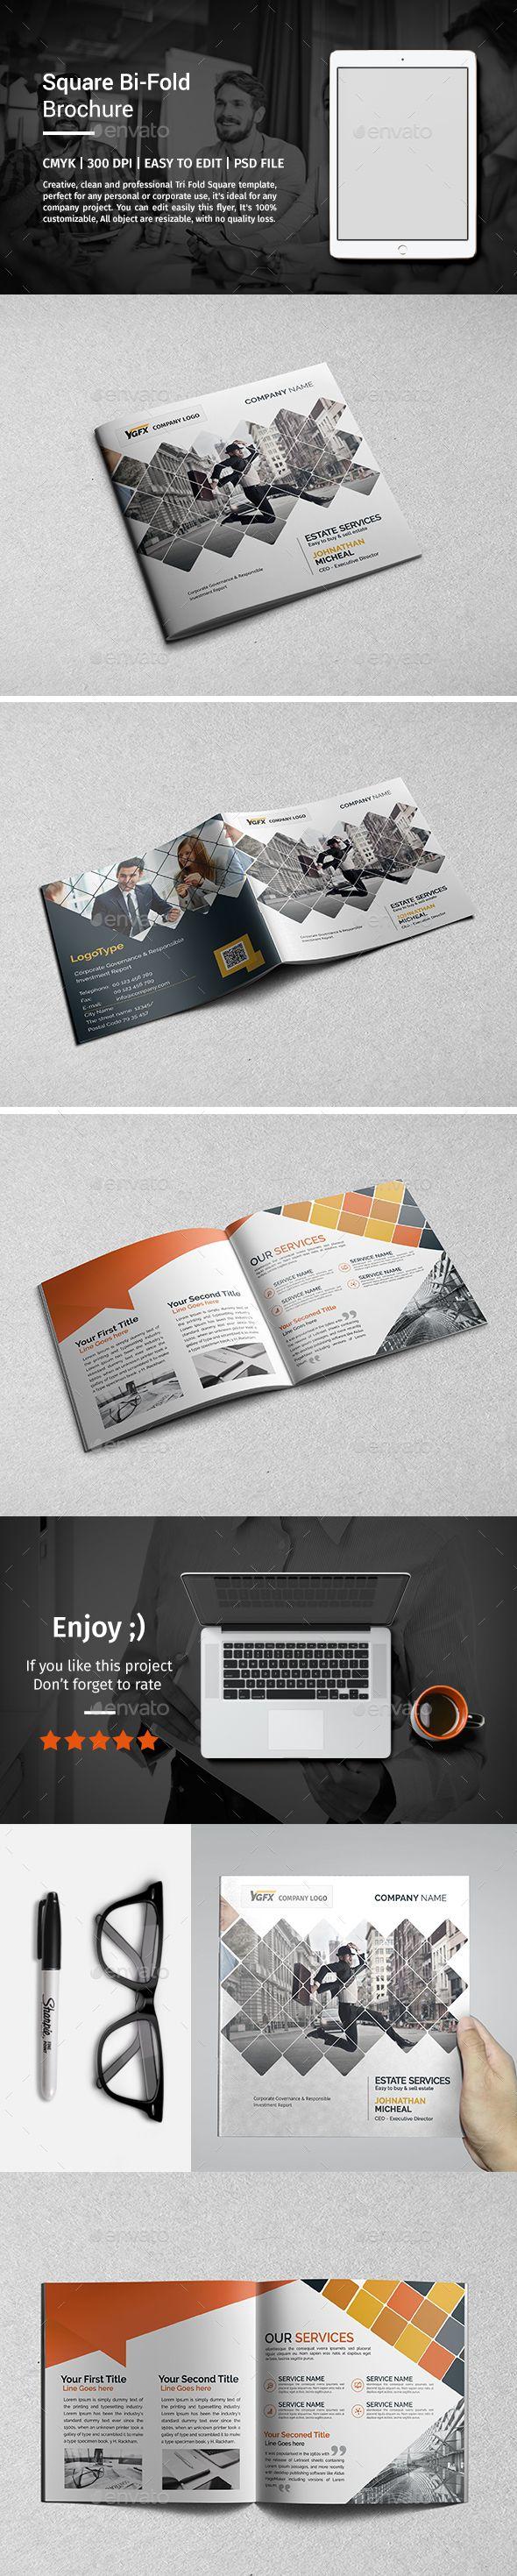 Square Bi-Fold Brochure 02